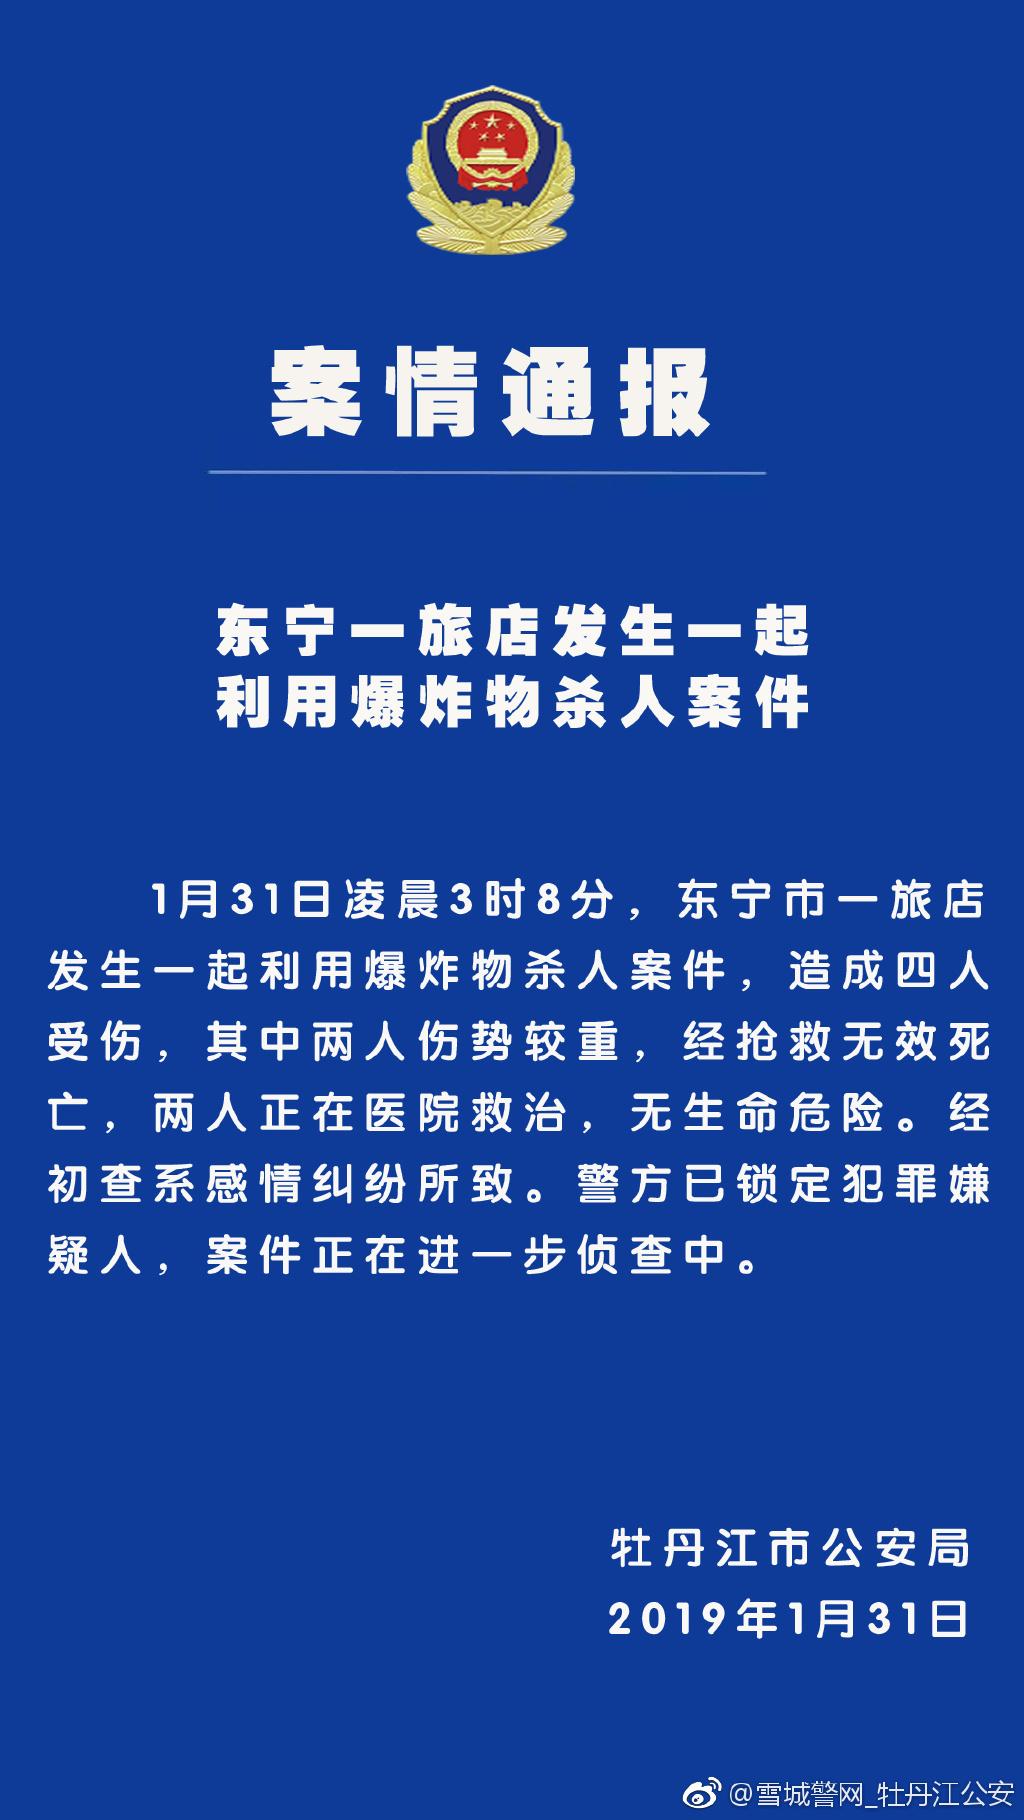 黑龙江一旅店爆炸 系感情纠纷用爆炸物杀人